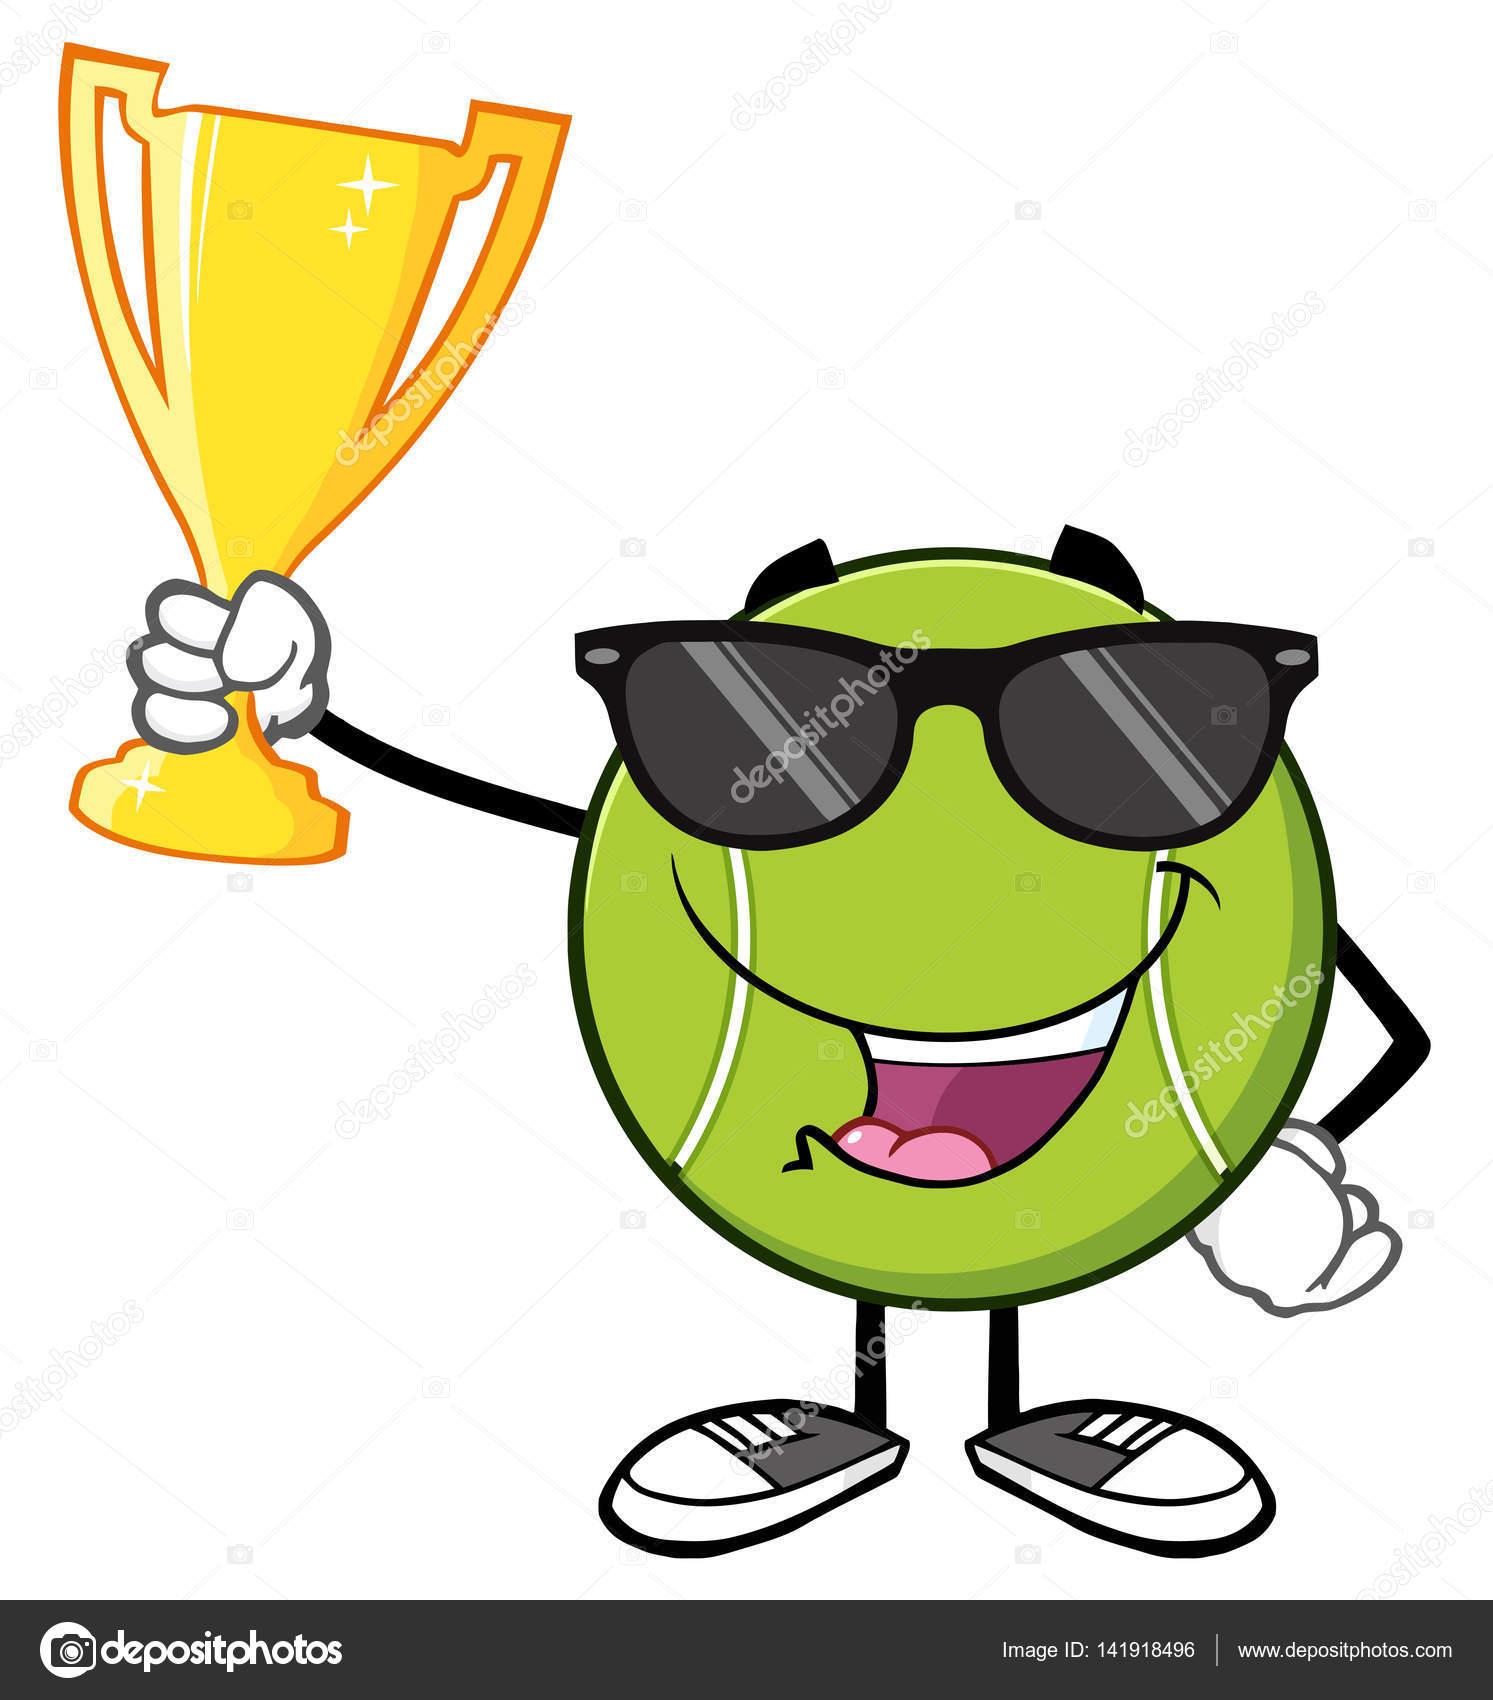 Tenis pelota stock de ilustracion ilustracion libre de stock de - Personaje De Dibujos Animados De Bola Tenis Feliz Con Gafas De Sol Sosteniendo El Trofeo De La Copa Ilustraci N De Vector Aislado En Blanco Vector De